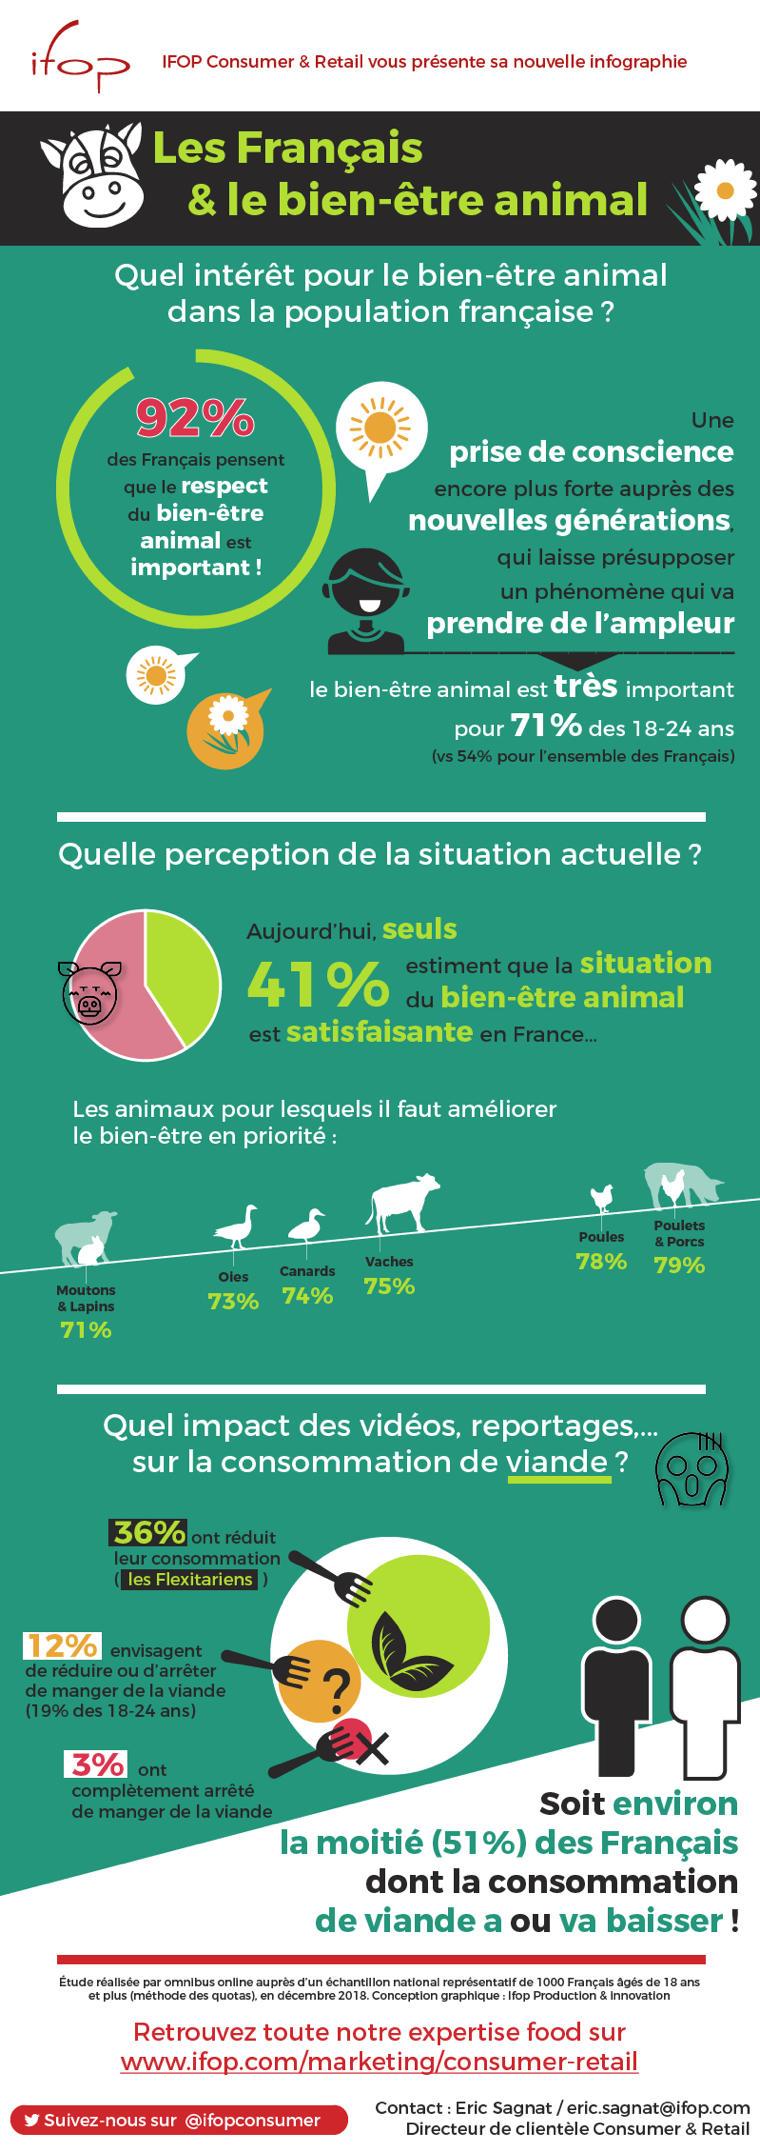 0 1 - Infographie IFOP : les français et le bien-être animal